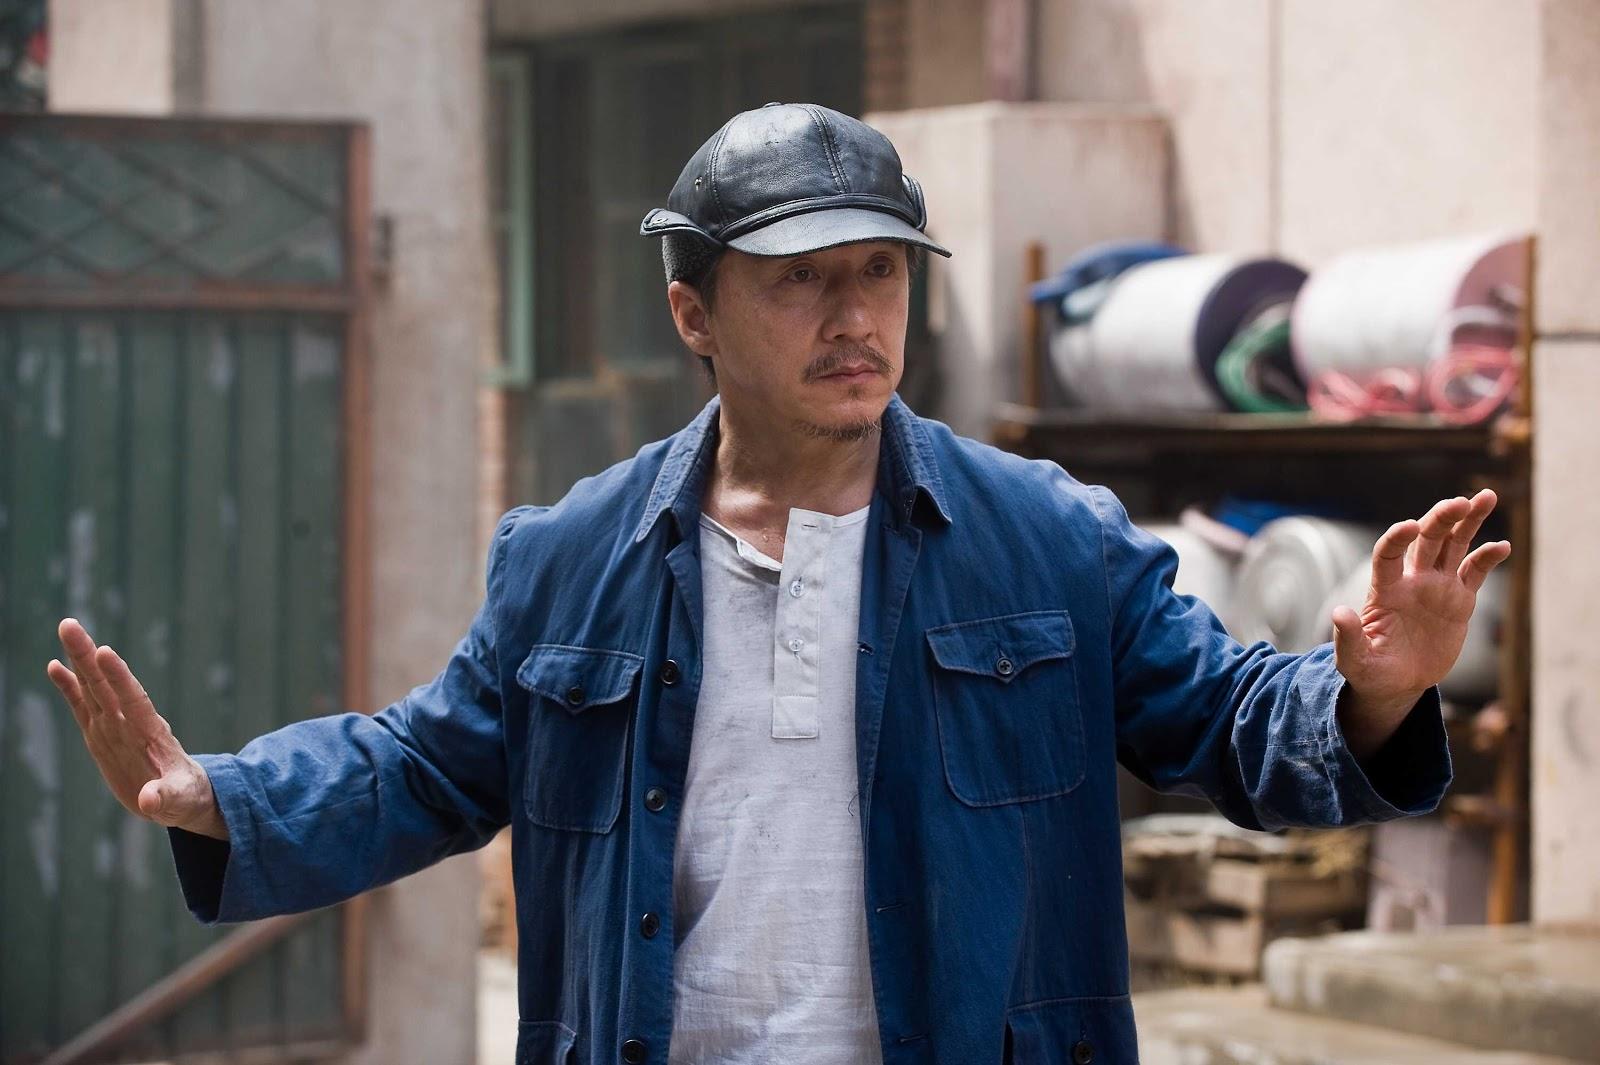 BrasilFC - Filmes e Séries: Os Mercenários 3: Jackie Chan ...